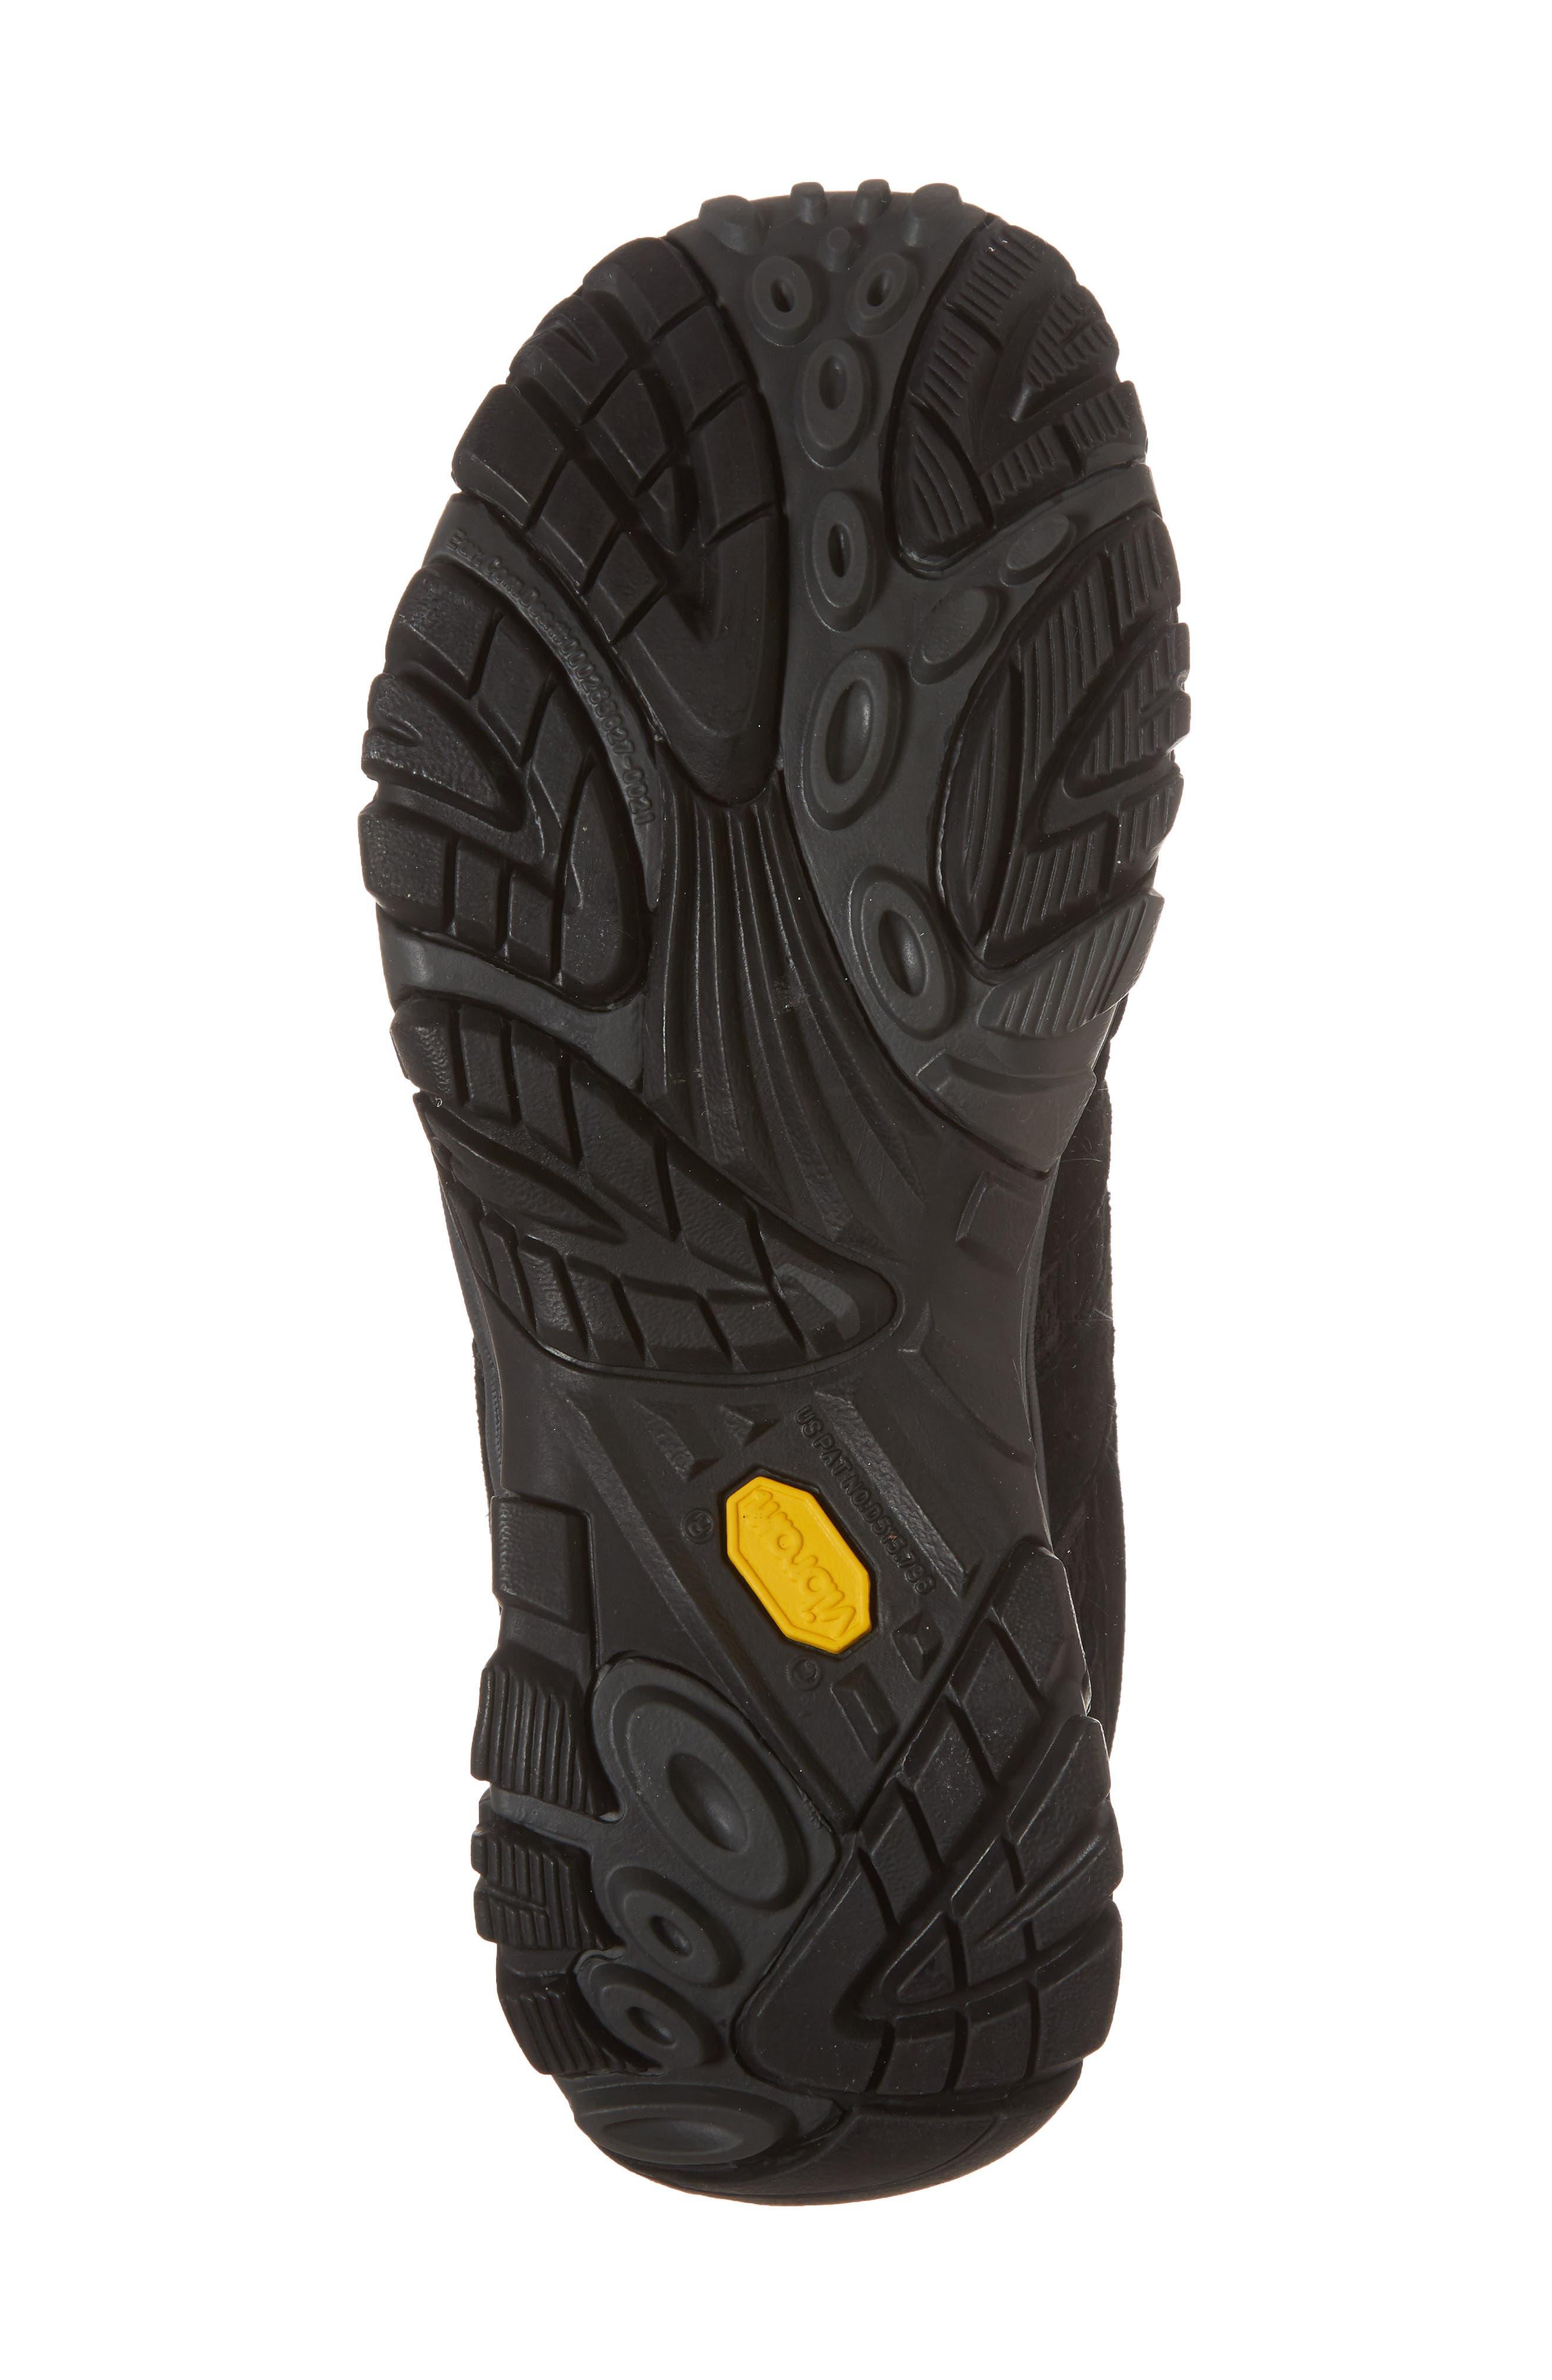 MERRELL, Moab 2 Ventilator Hiking Shoe, Alternate thumbnail 6, color, BLACK NIGHT